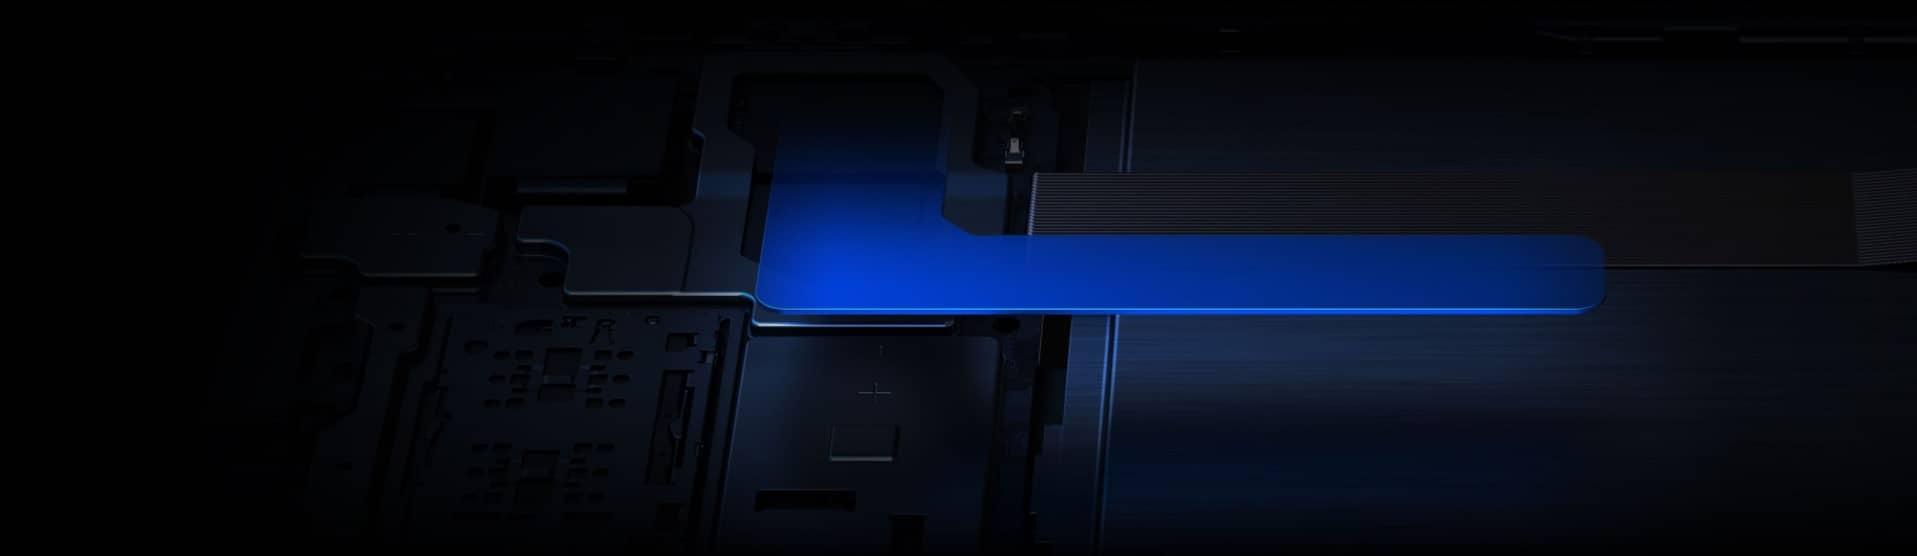 Realme 7 Система охлаждения